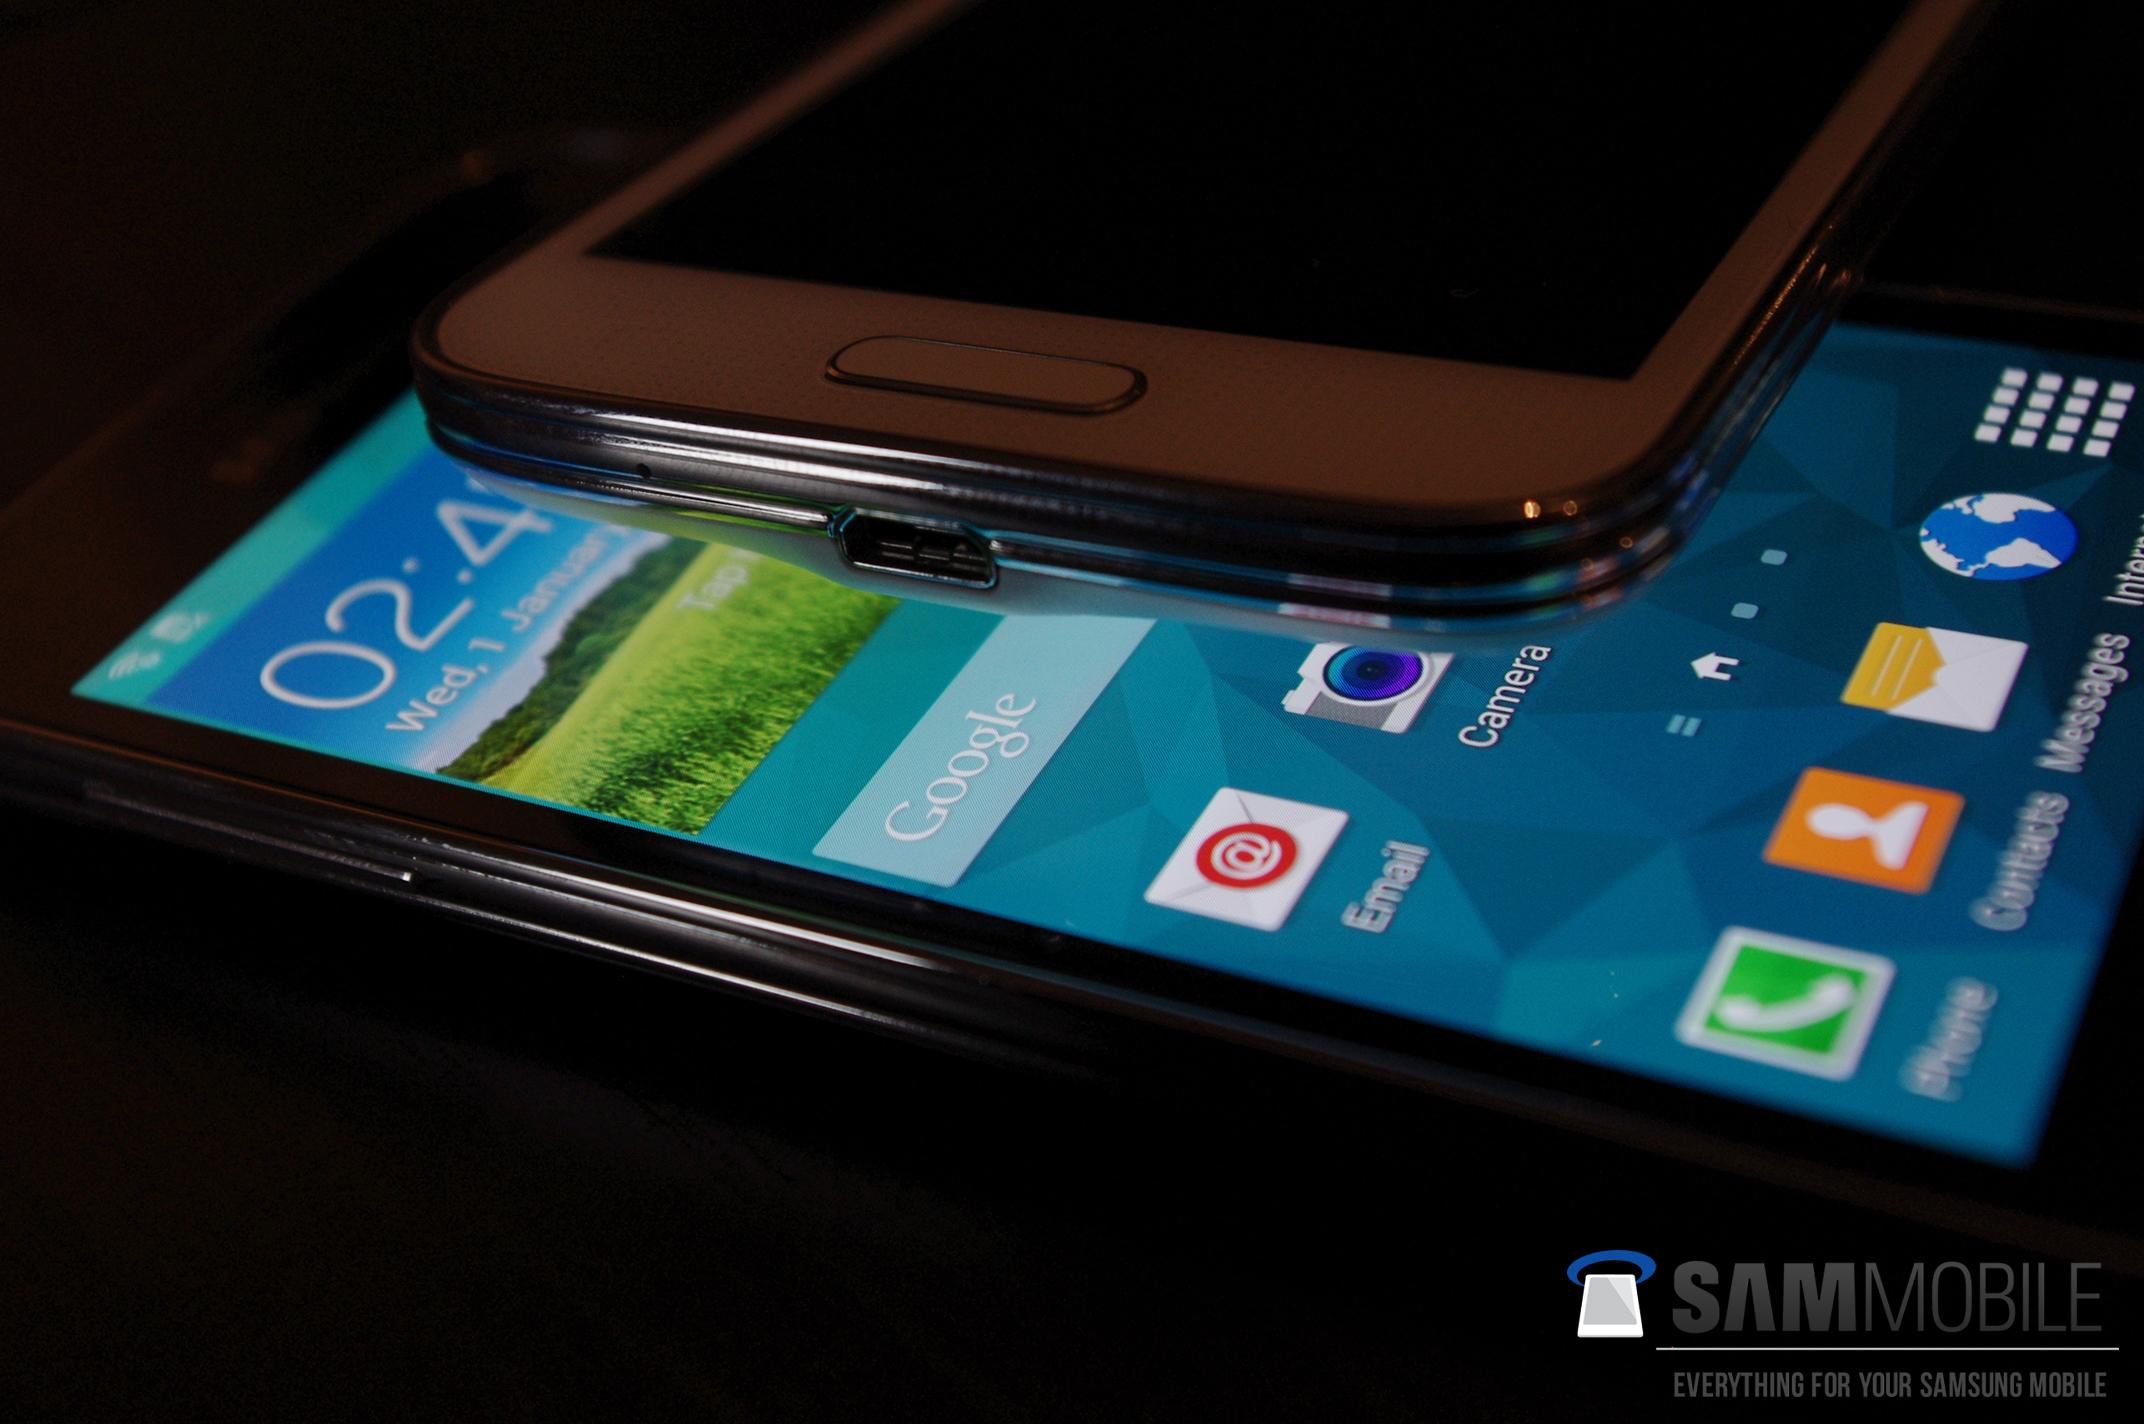 Samsung Galaxy S5 Mini: thiết kế và tính năng tương tự S5, cấu hình thấp hơn - 21664